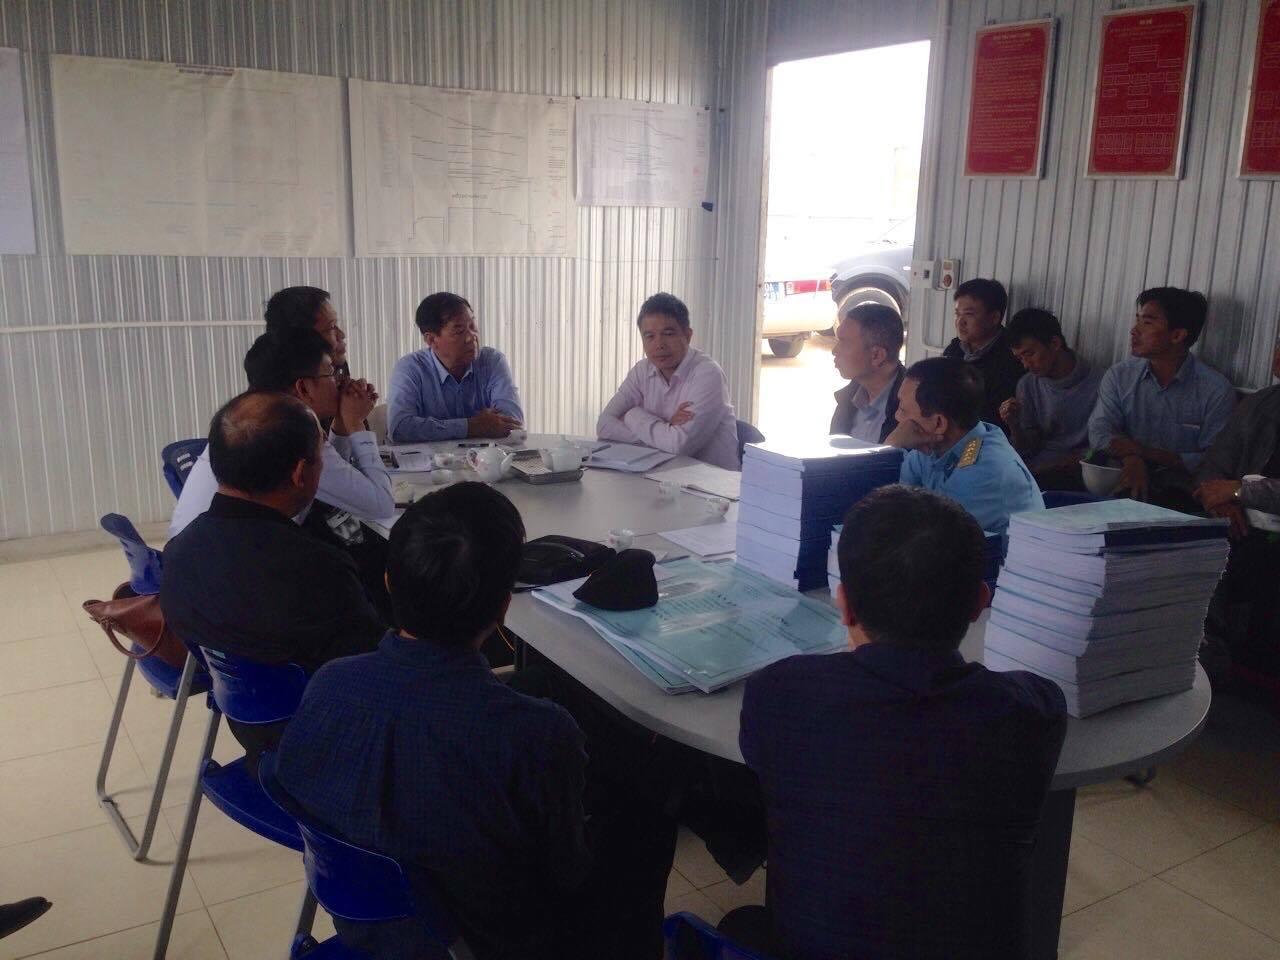 VATM - Tham gia Đoàn Kiểm tra công tác nghiệm thu trong quá trình thi công dự án công trình Đài Kiểm soát không lưu Thọ Xuân